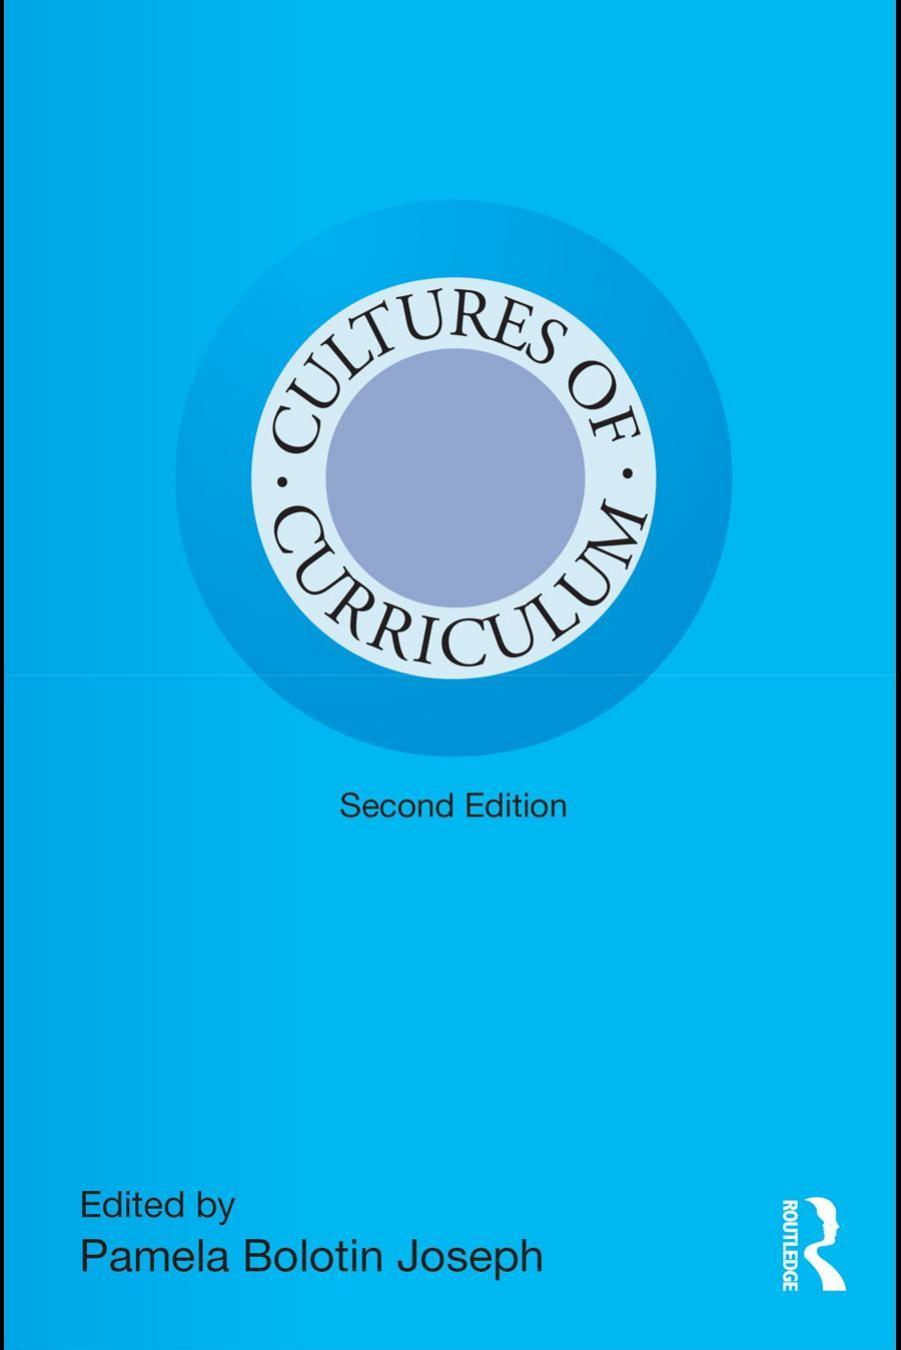 بازخوانی: فرهنگهای برنامه درسی (جوزف، پی. بی. ۲۰۱۱)